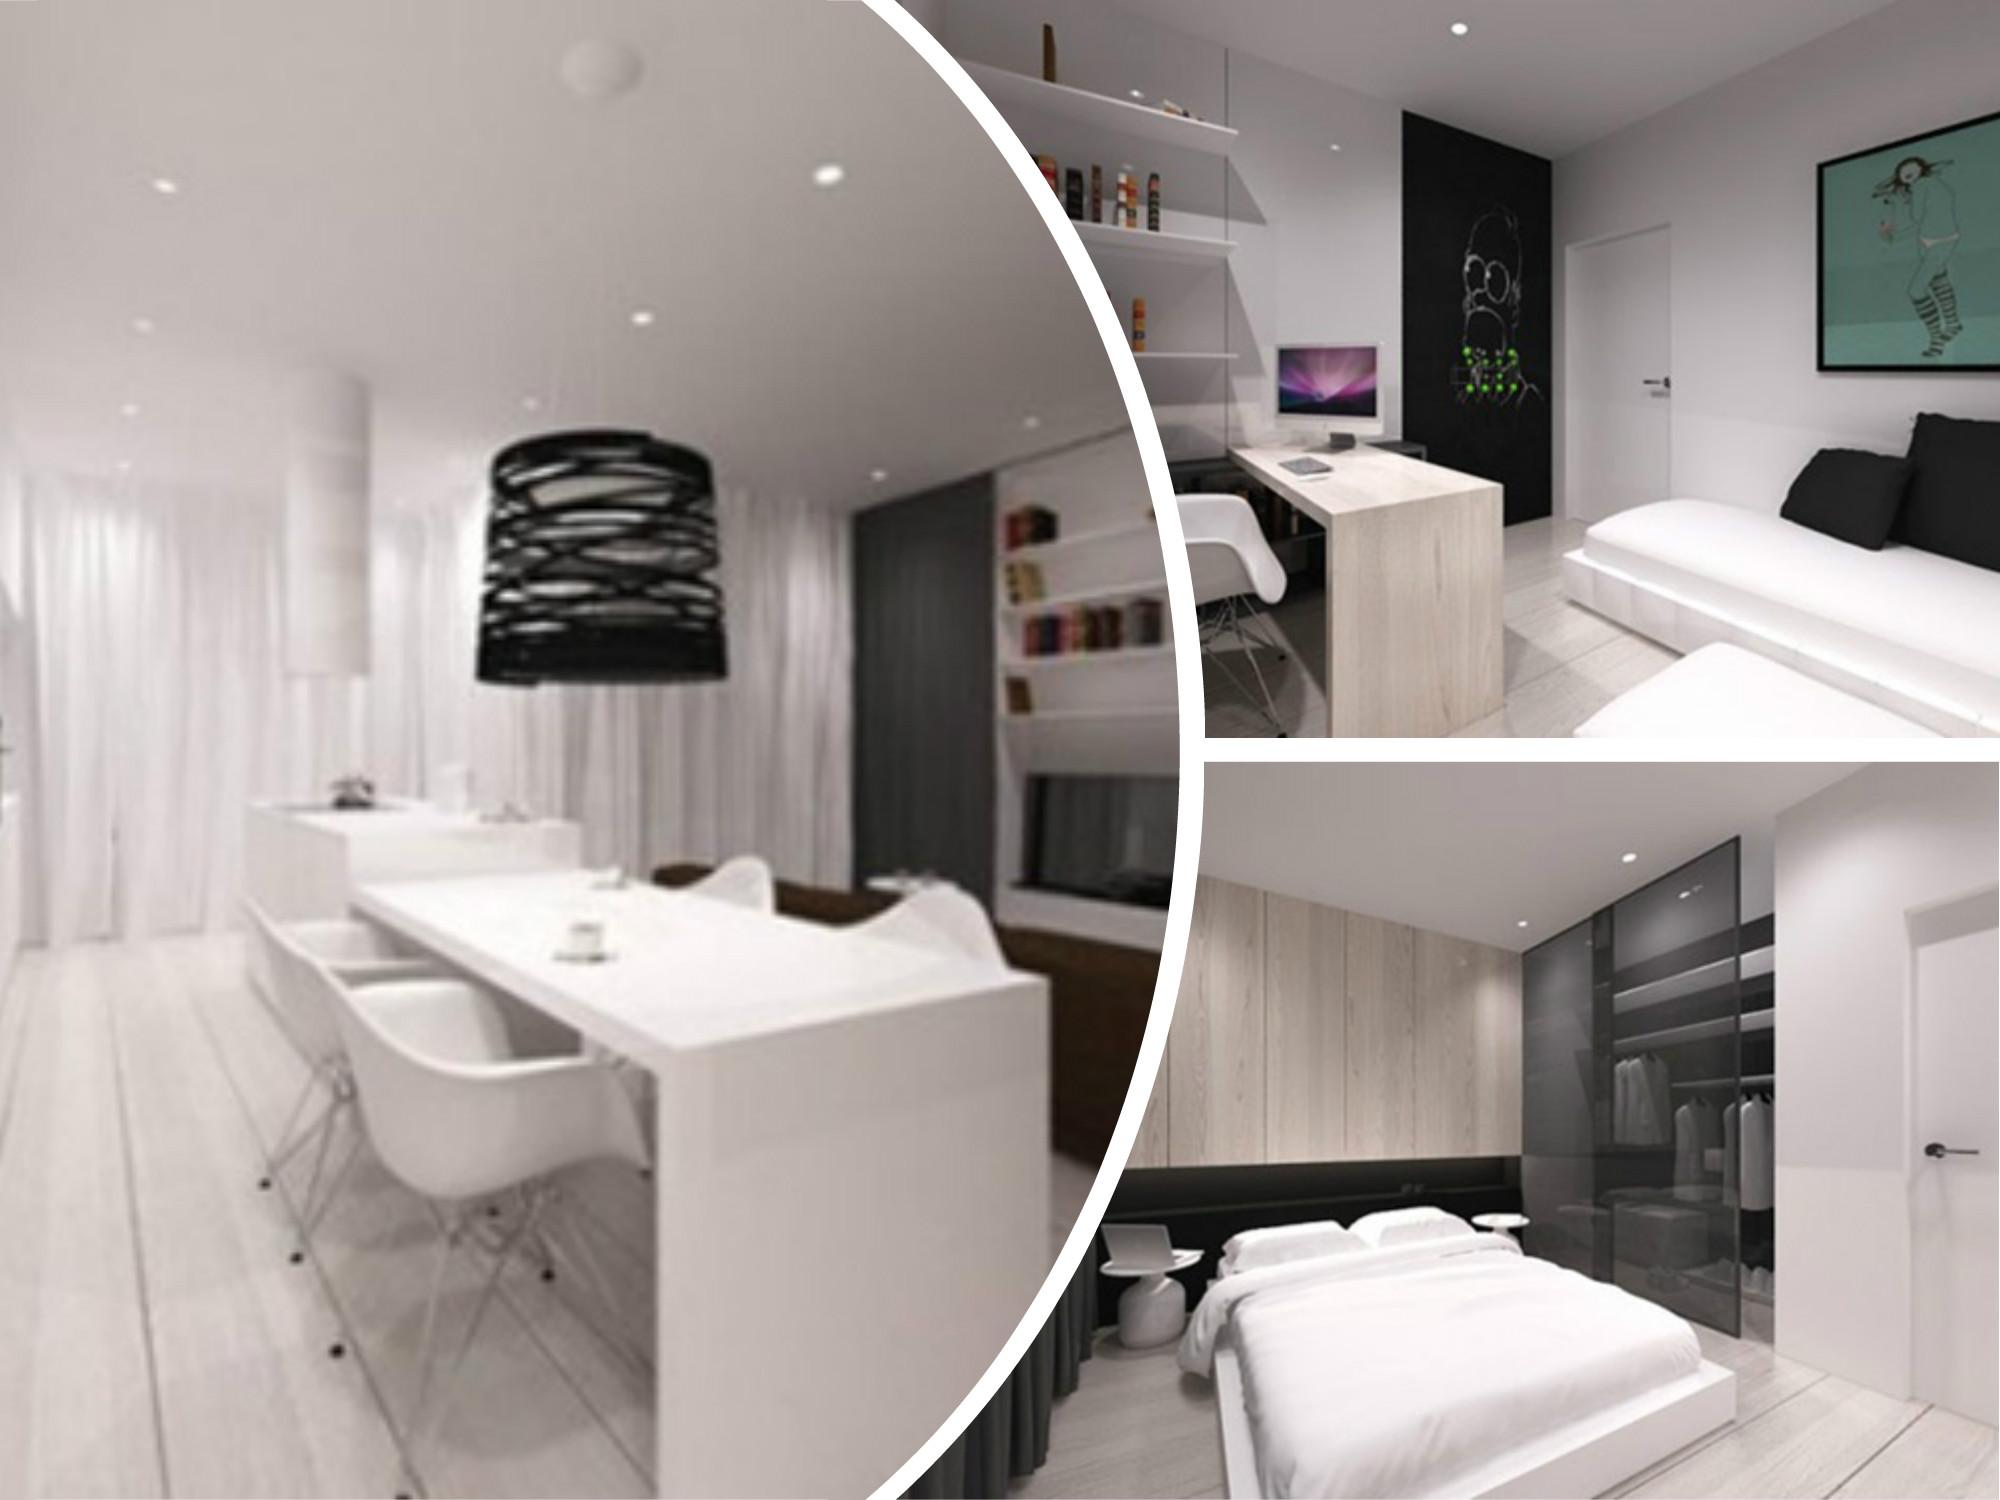 Apartamento minimalista y moderno en polonia for Decoracion apartamentos modernos 2016